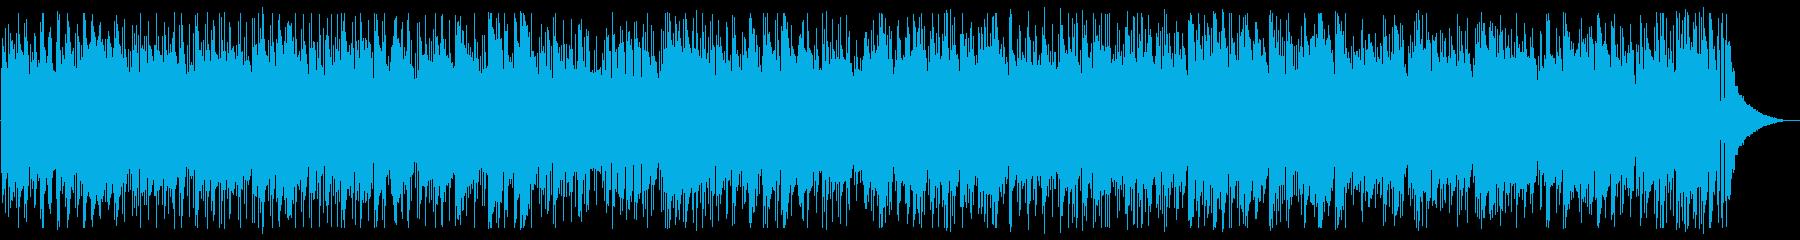 きらきら星(acoustic)の再生済みの波形